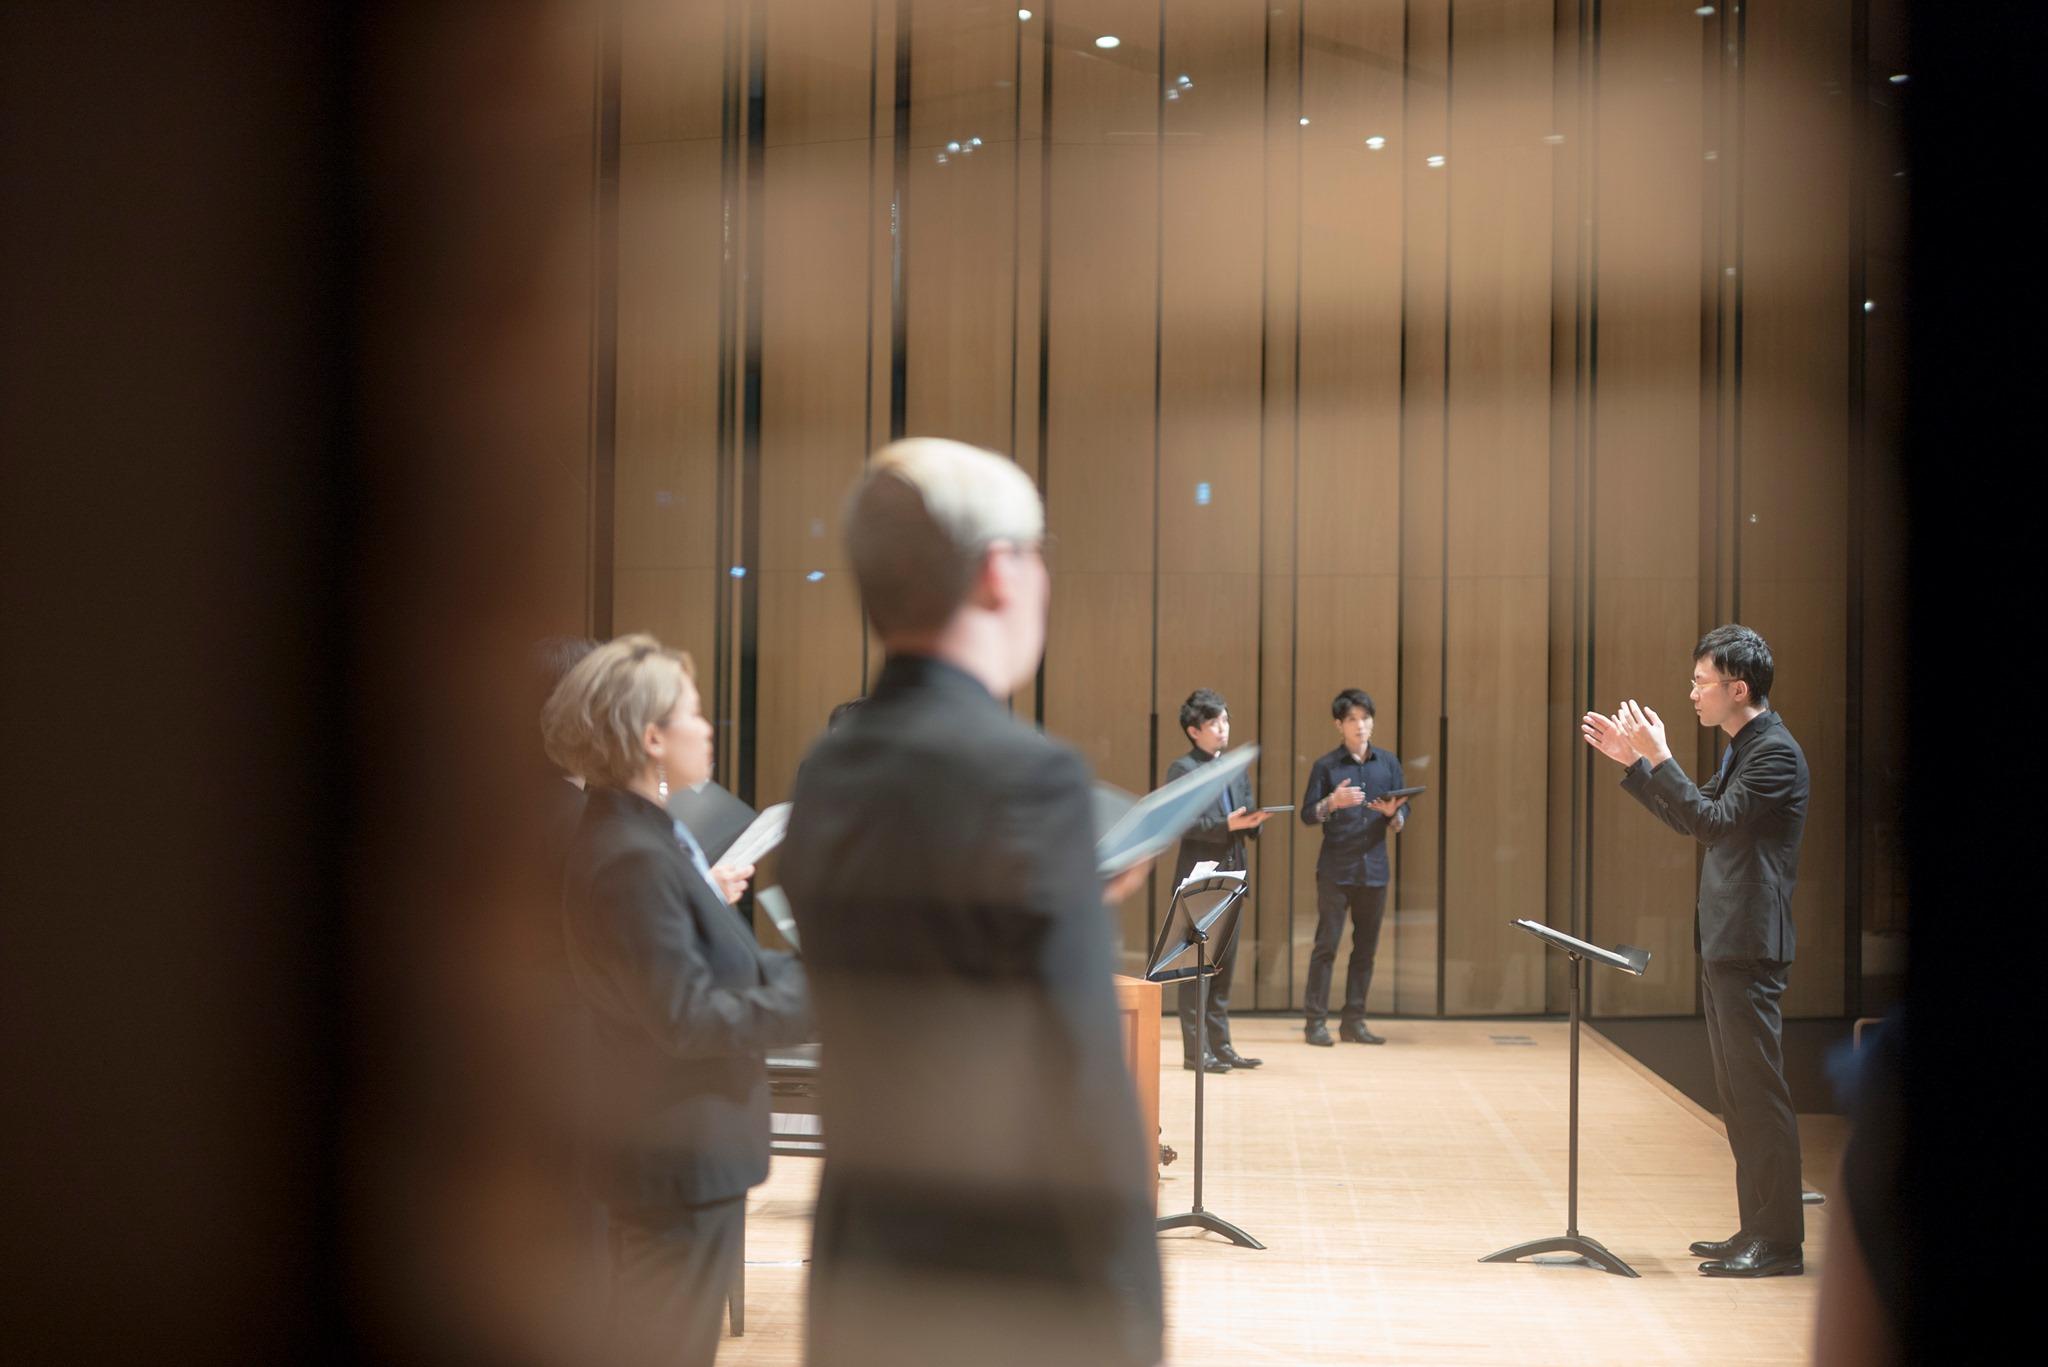 僕がどうしても入りたくなった最強の合唱団「Salicus Kammerchor」